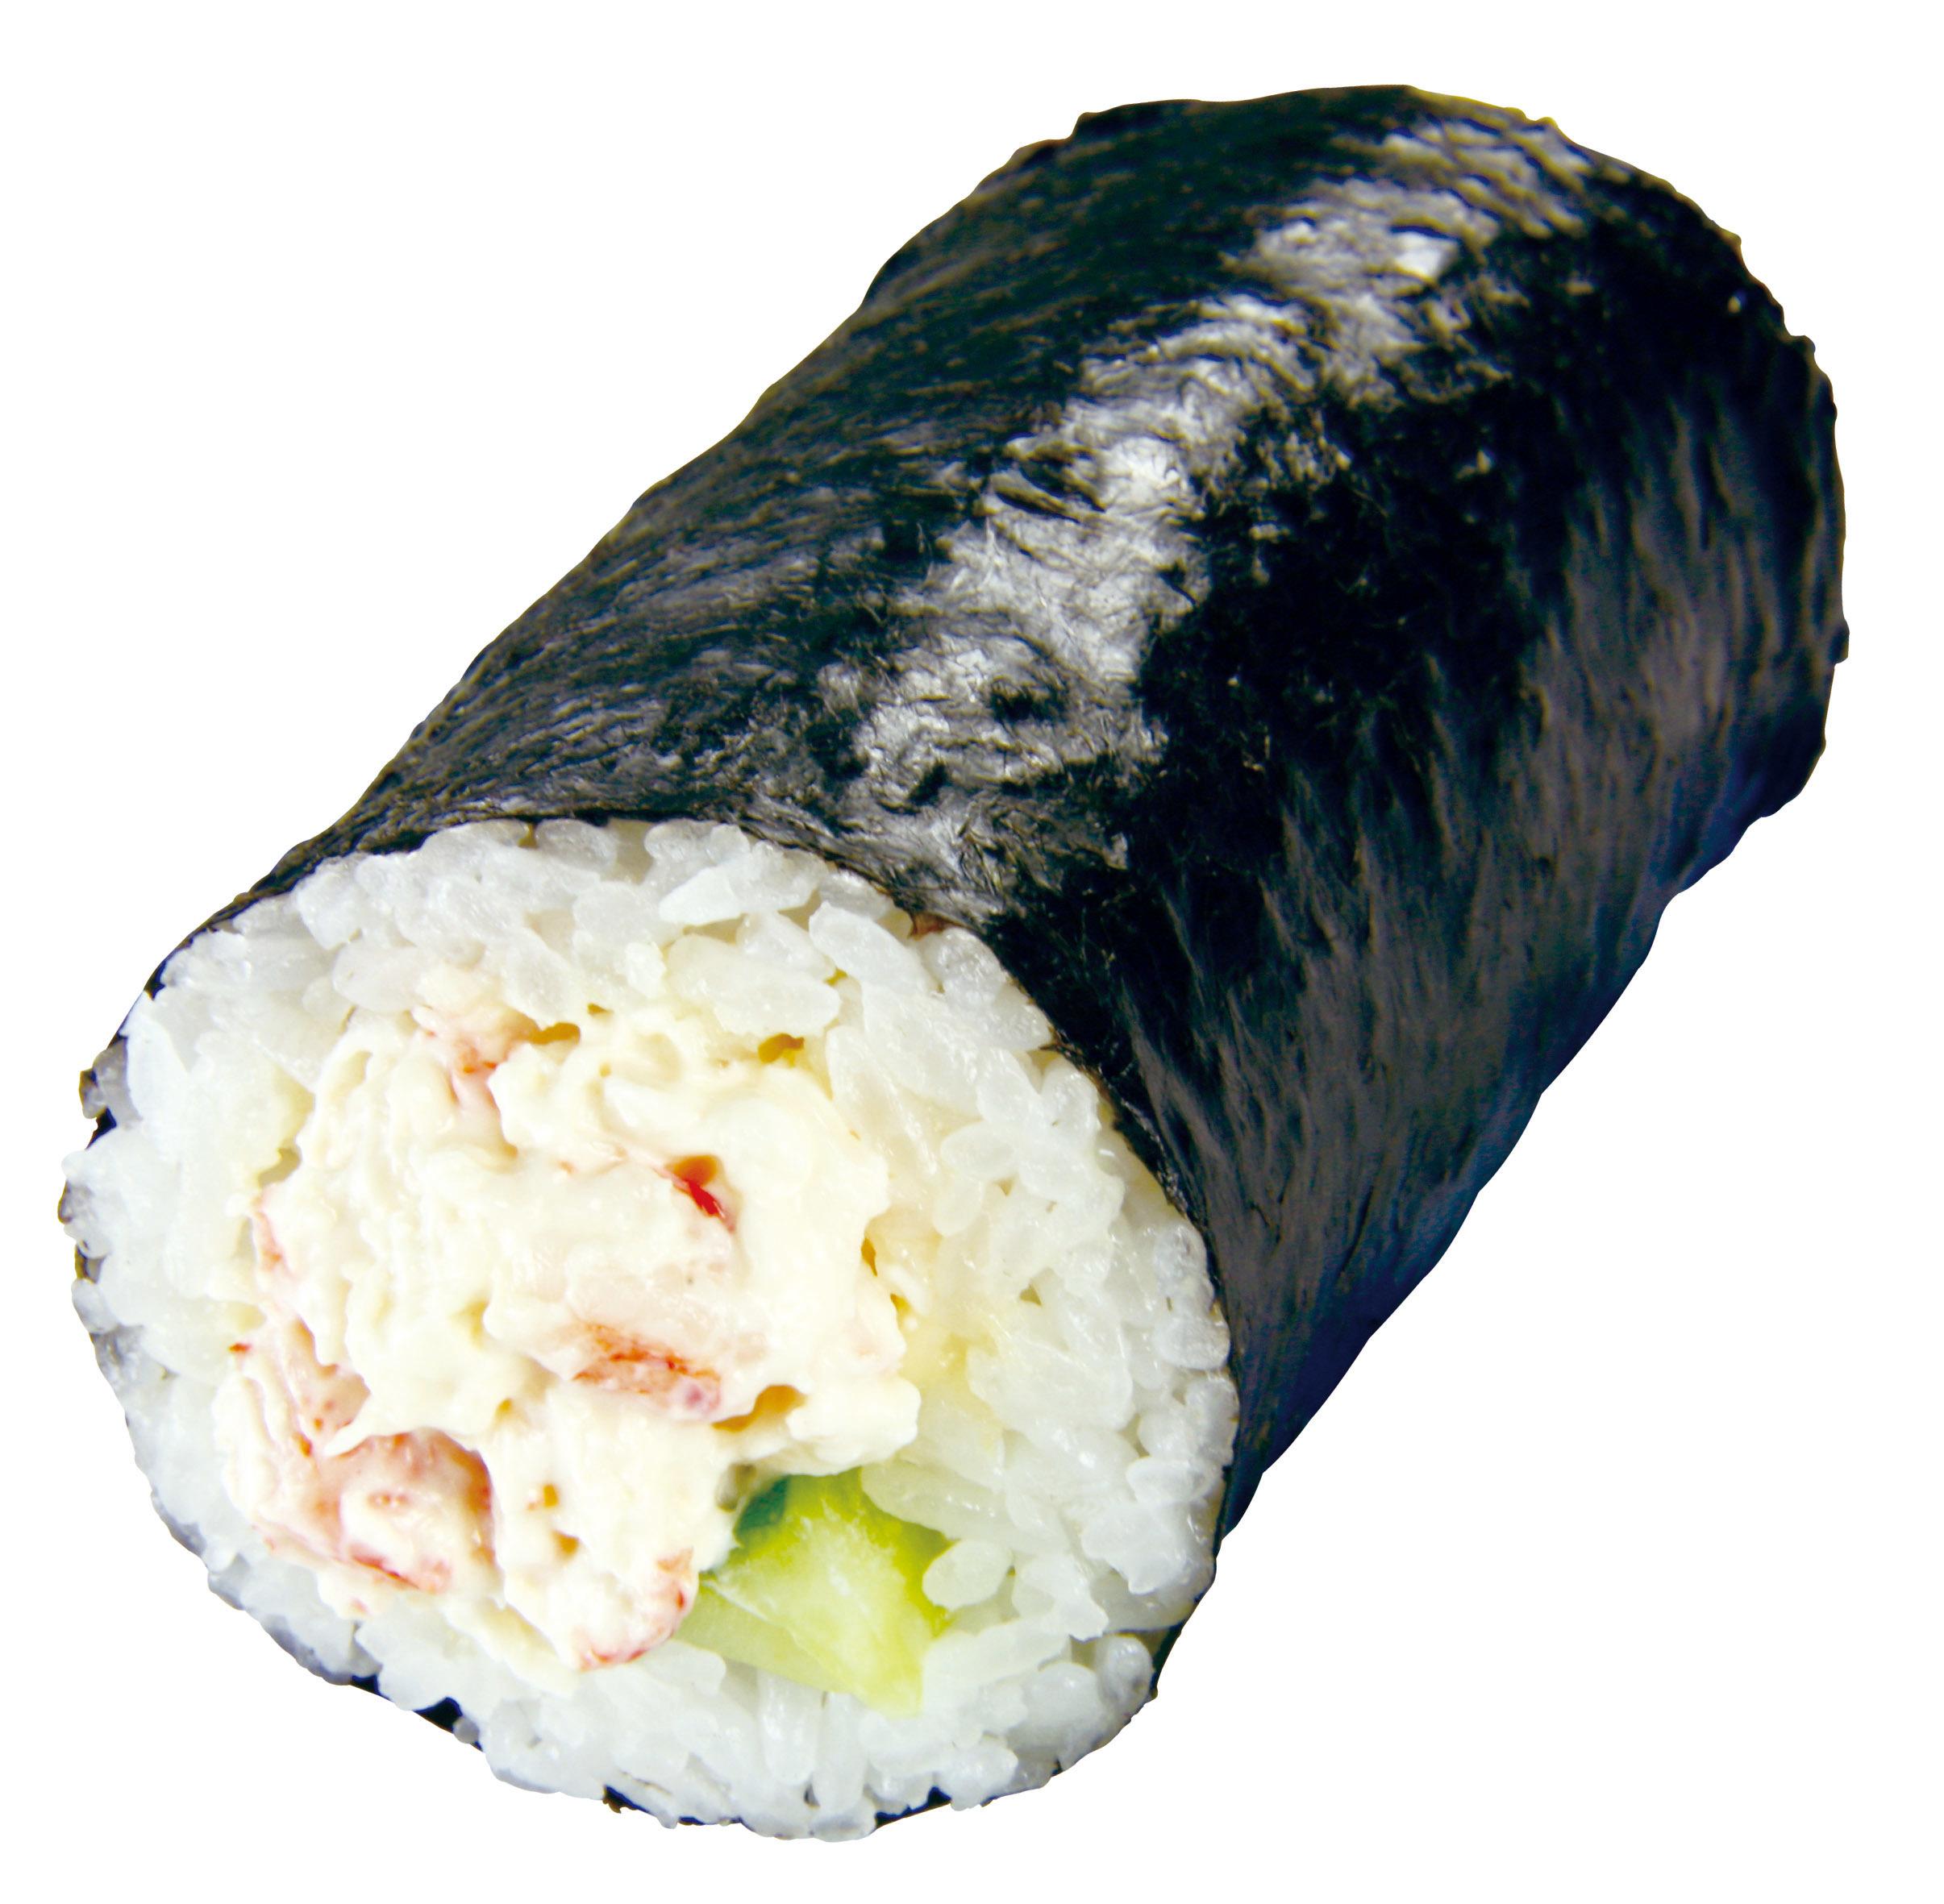 寿司 巻 くら 恵方 頭とシッポ、全部はみ出てるよ! 超ワイルド「まるごといわし巻」食べてみた